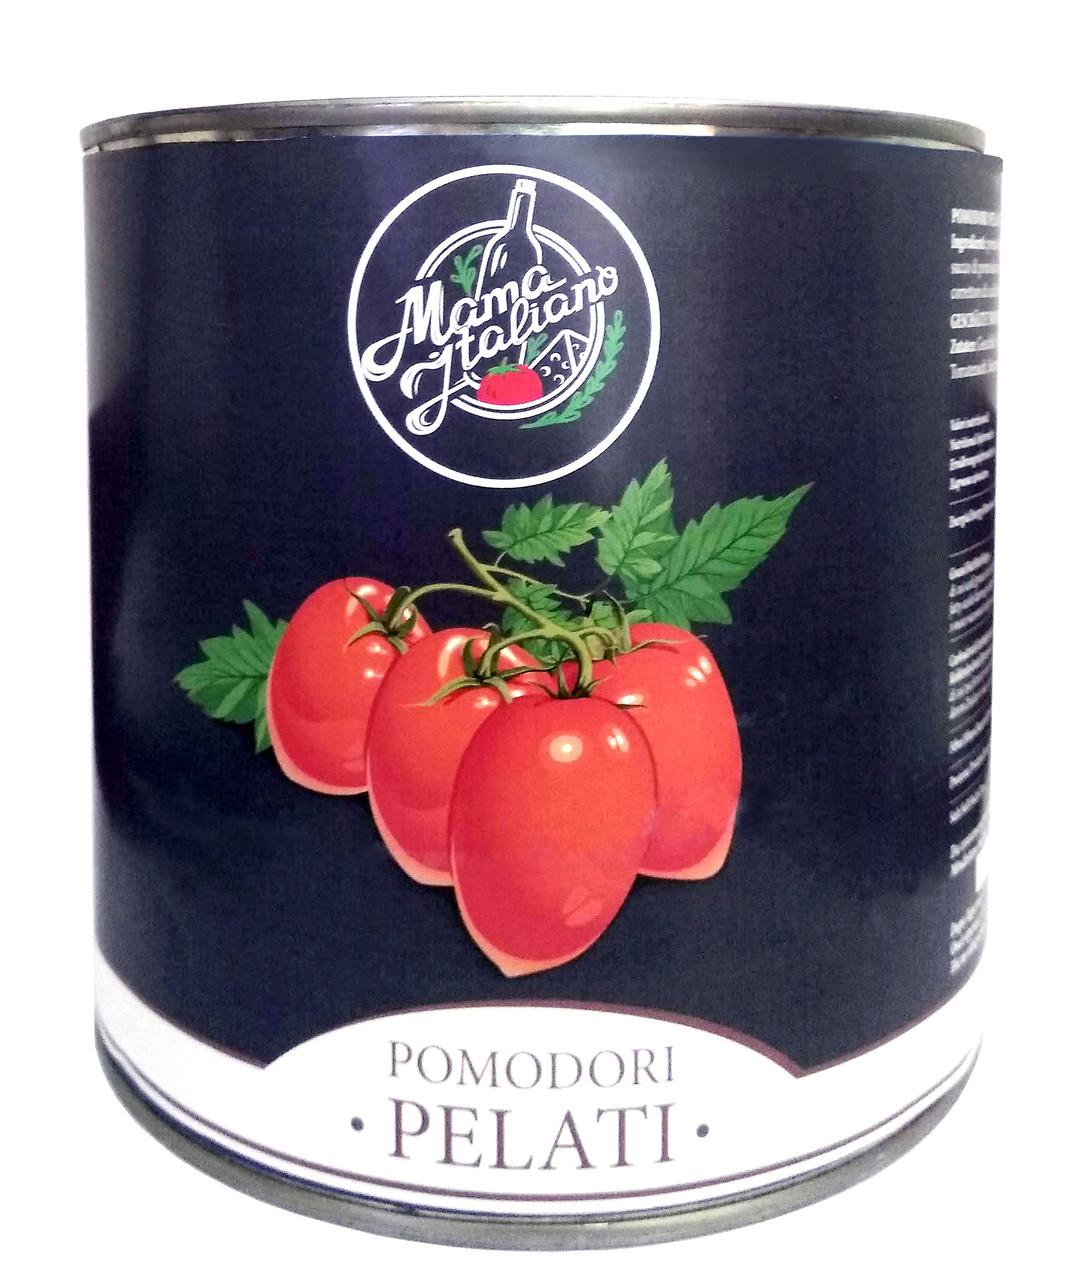 Помідори цілі MAMA ITALIANO, 2.5 кг, 6шт/ящ